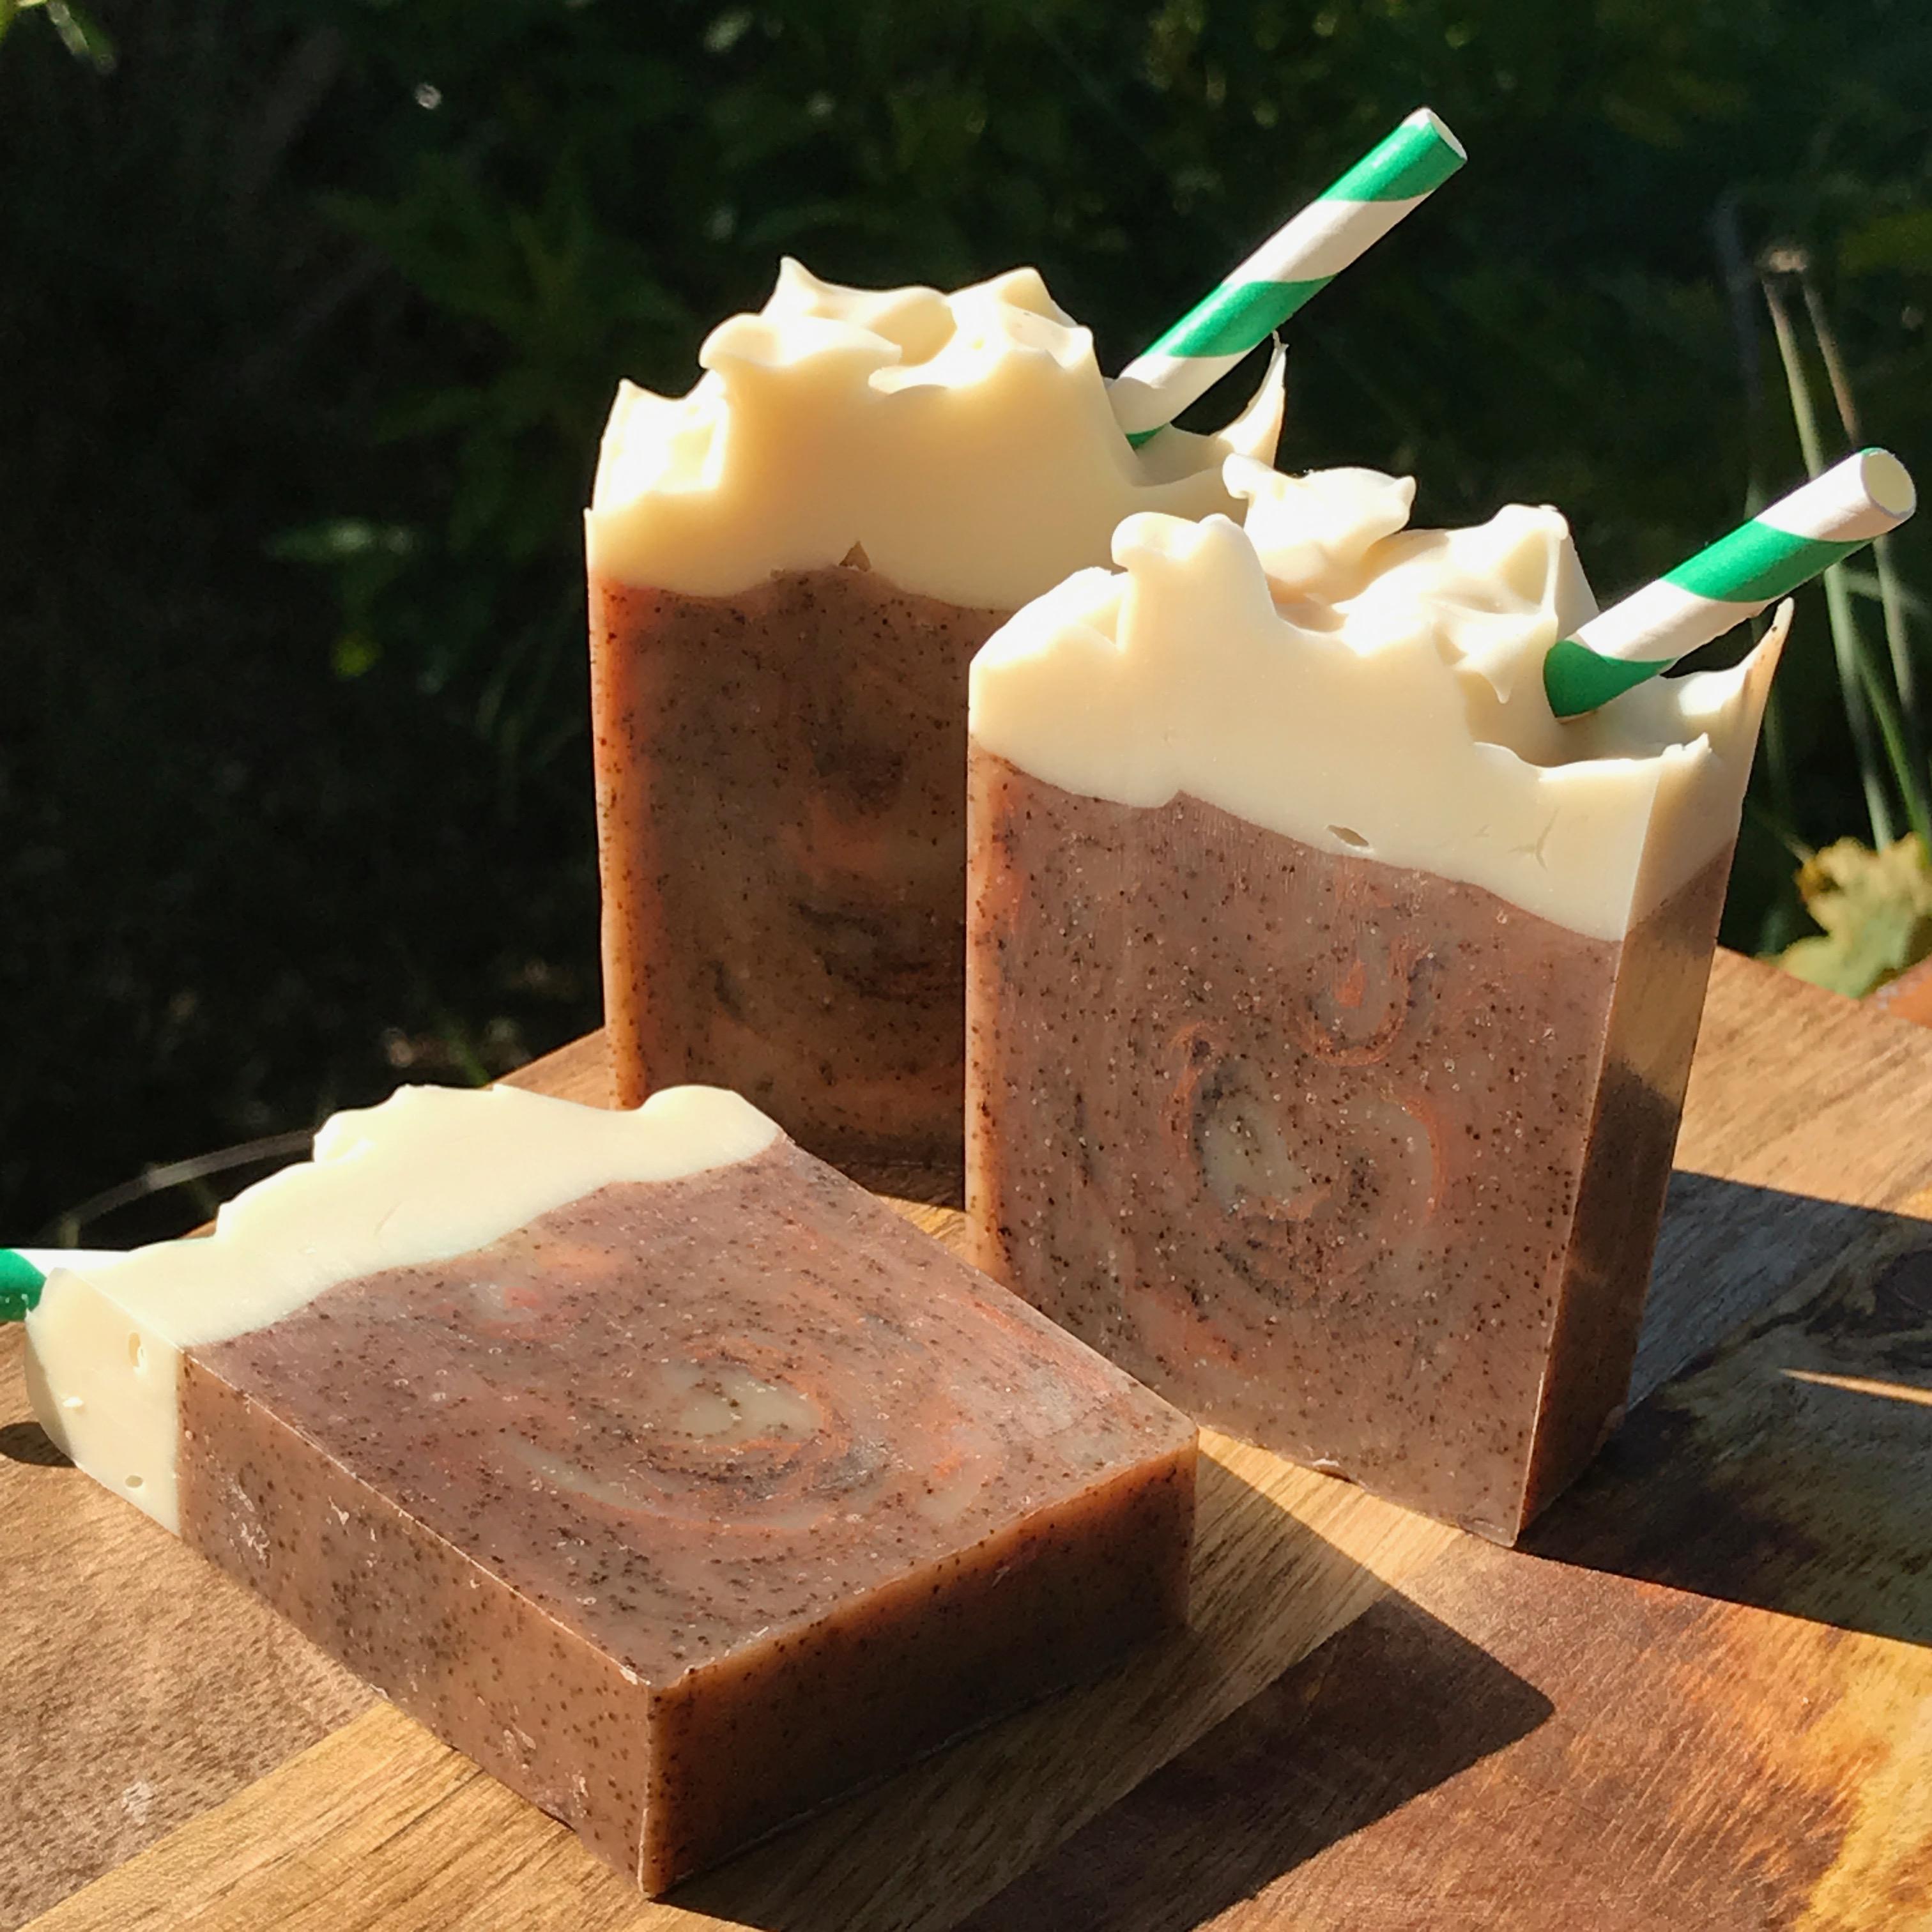 Frappucino soap